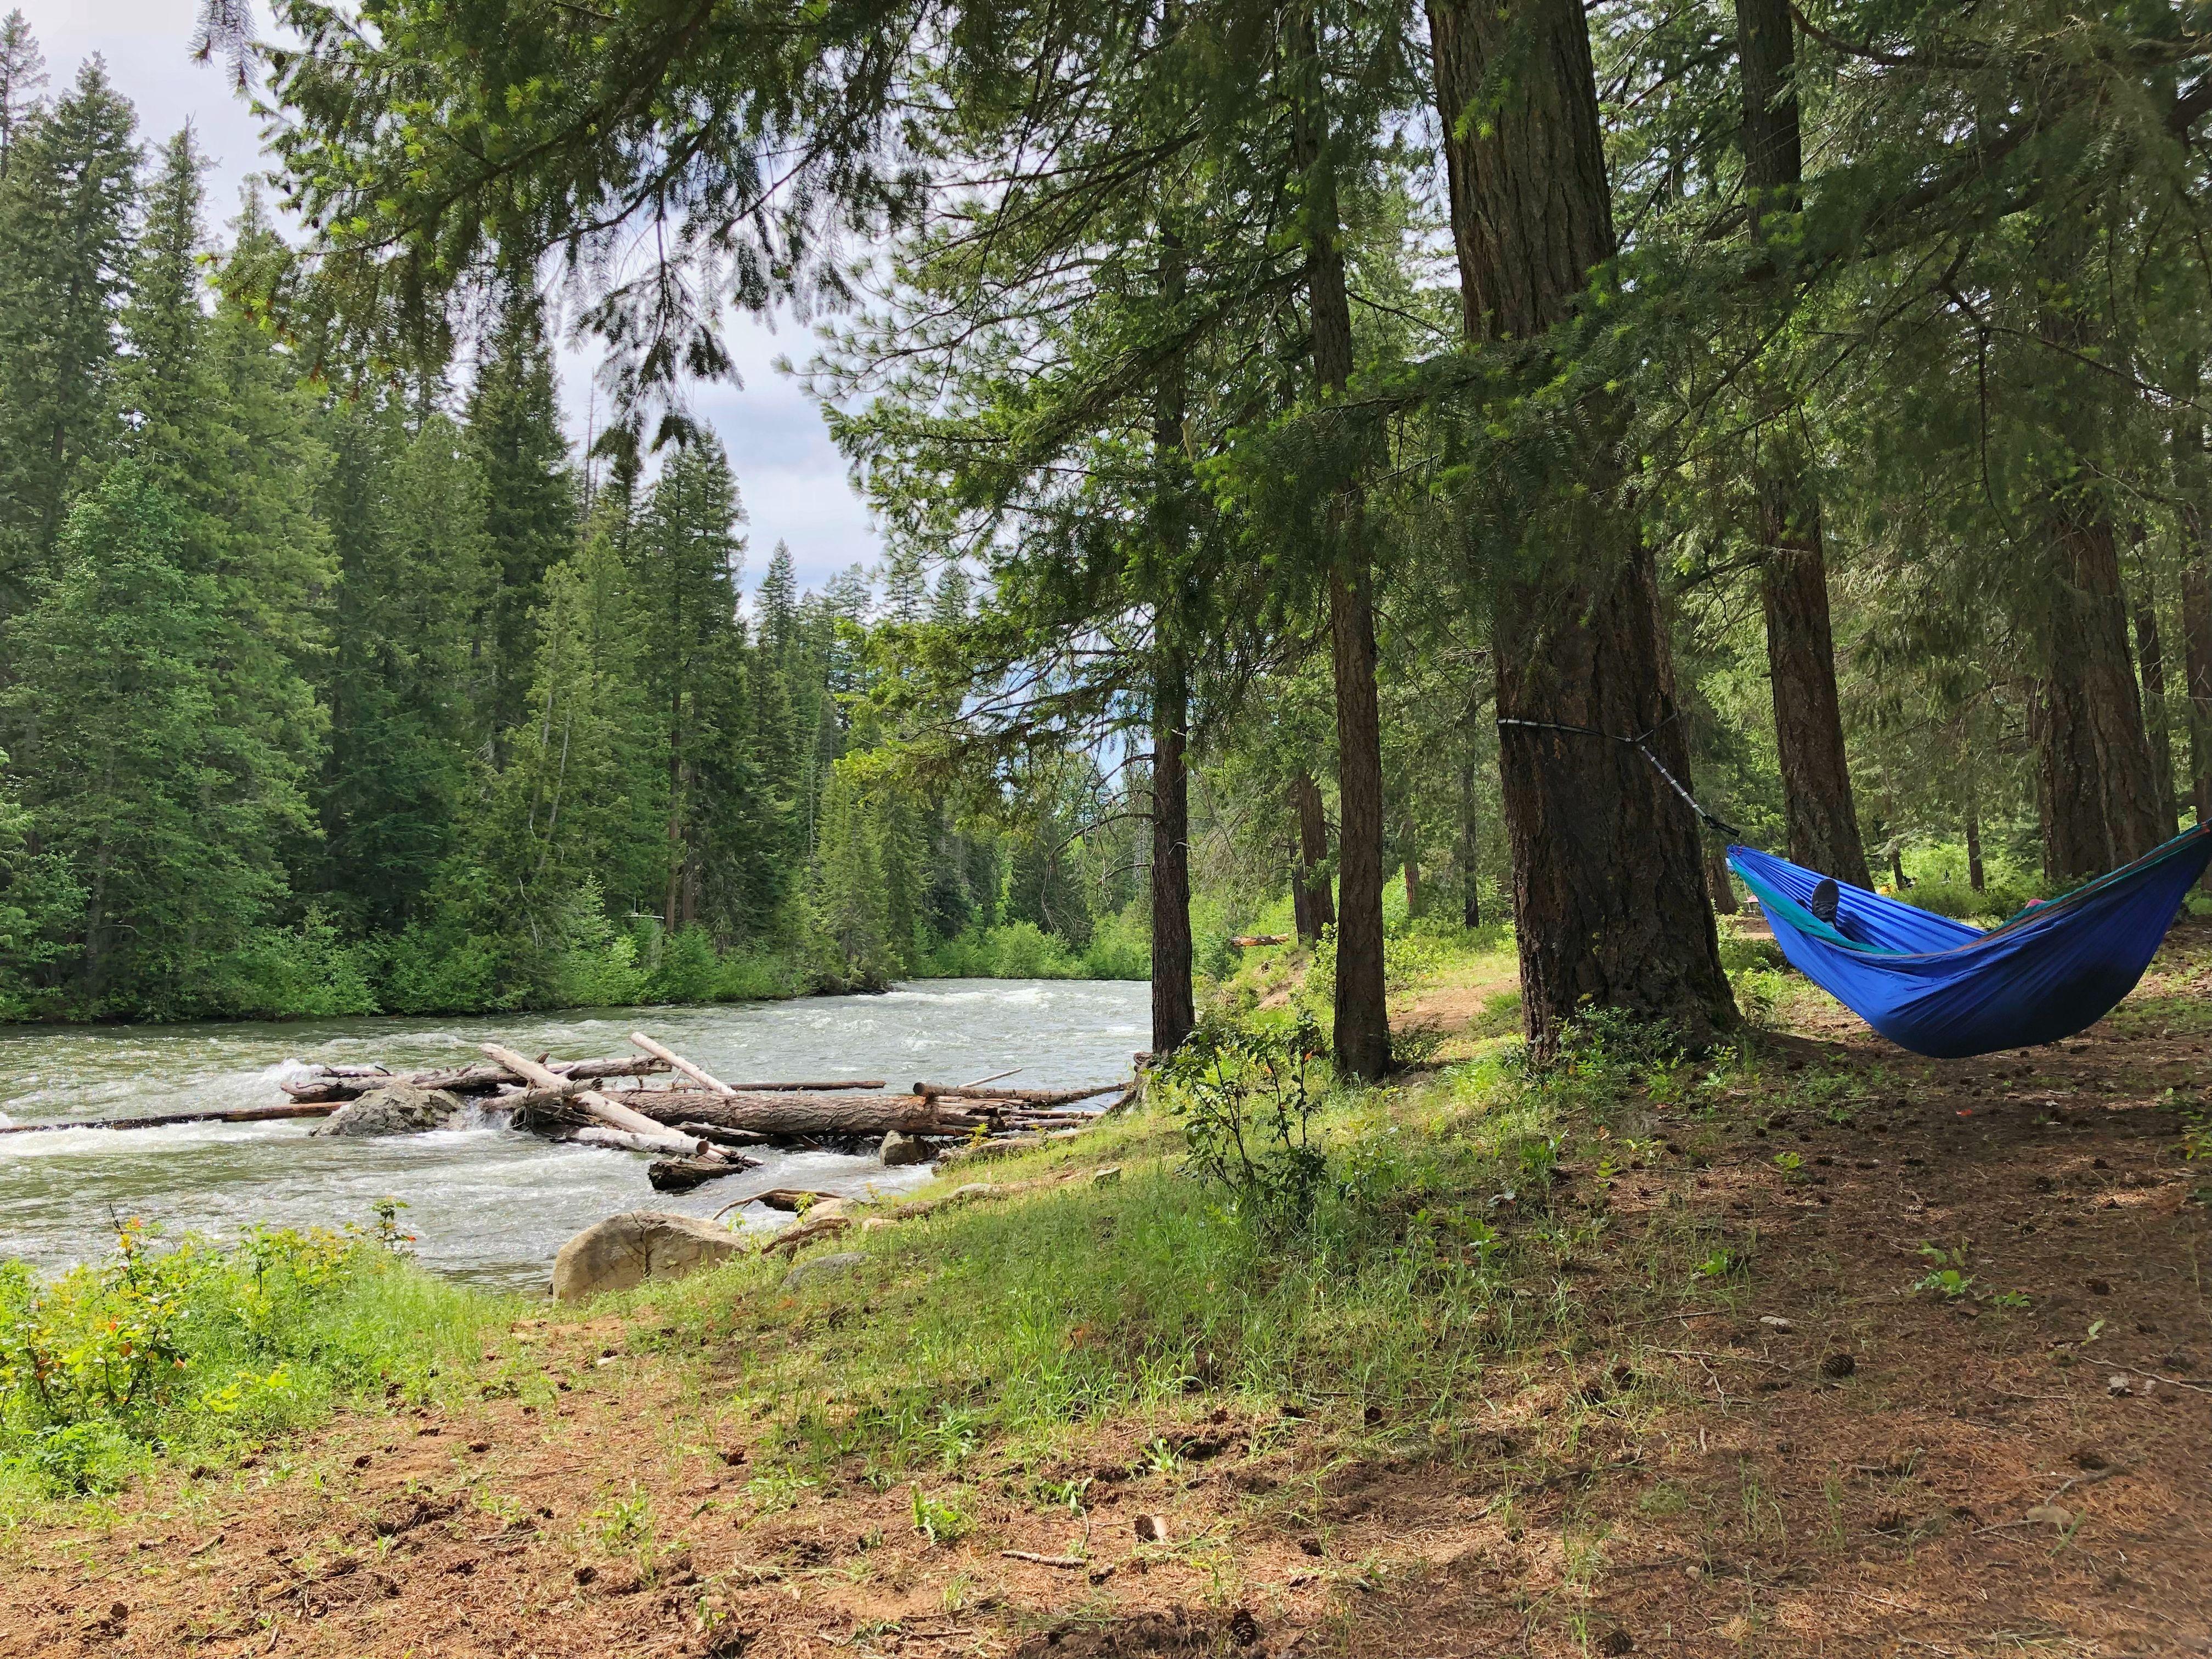 Camping in Washington state   Camping in washington state ...